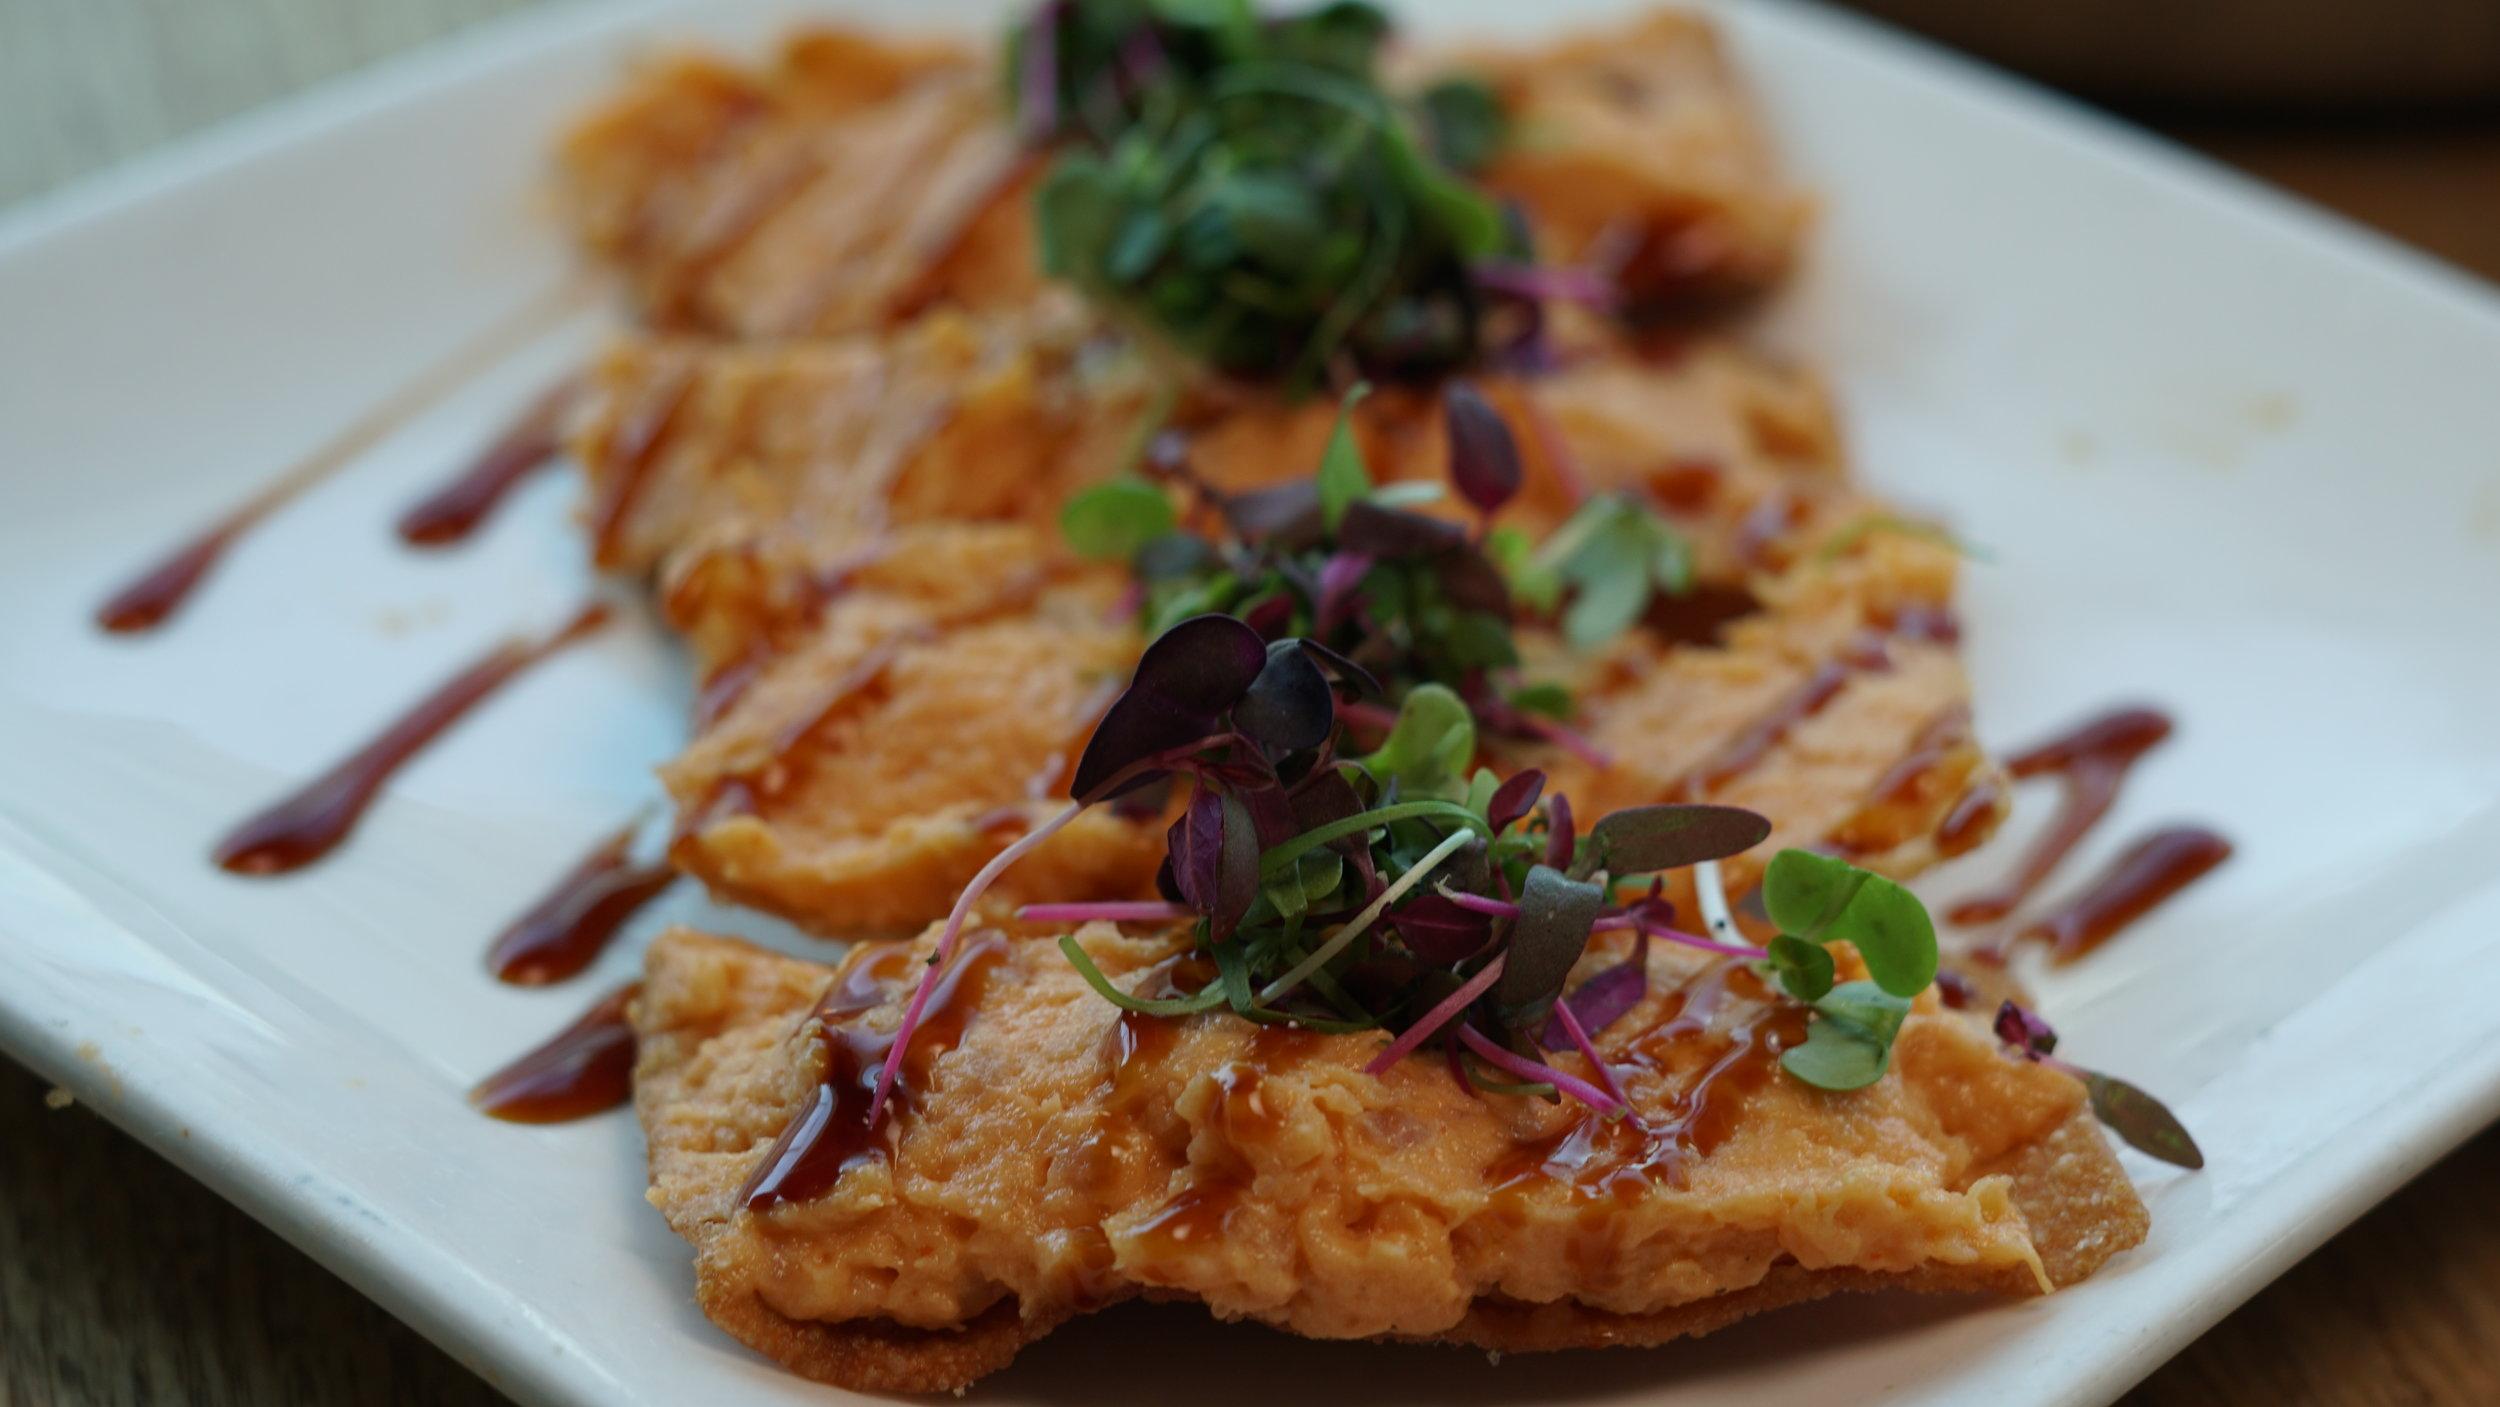 Spicy Albacore Tuna Crisps